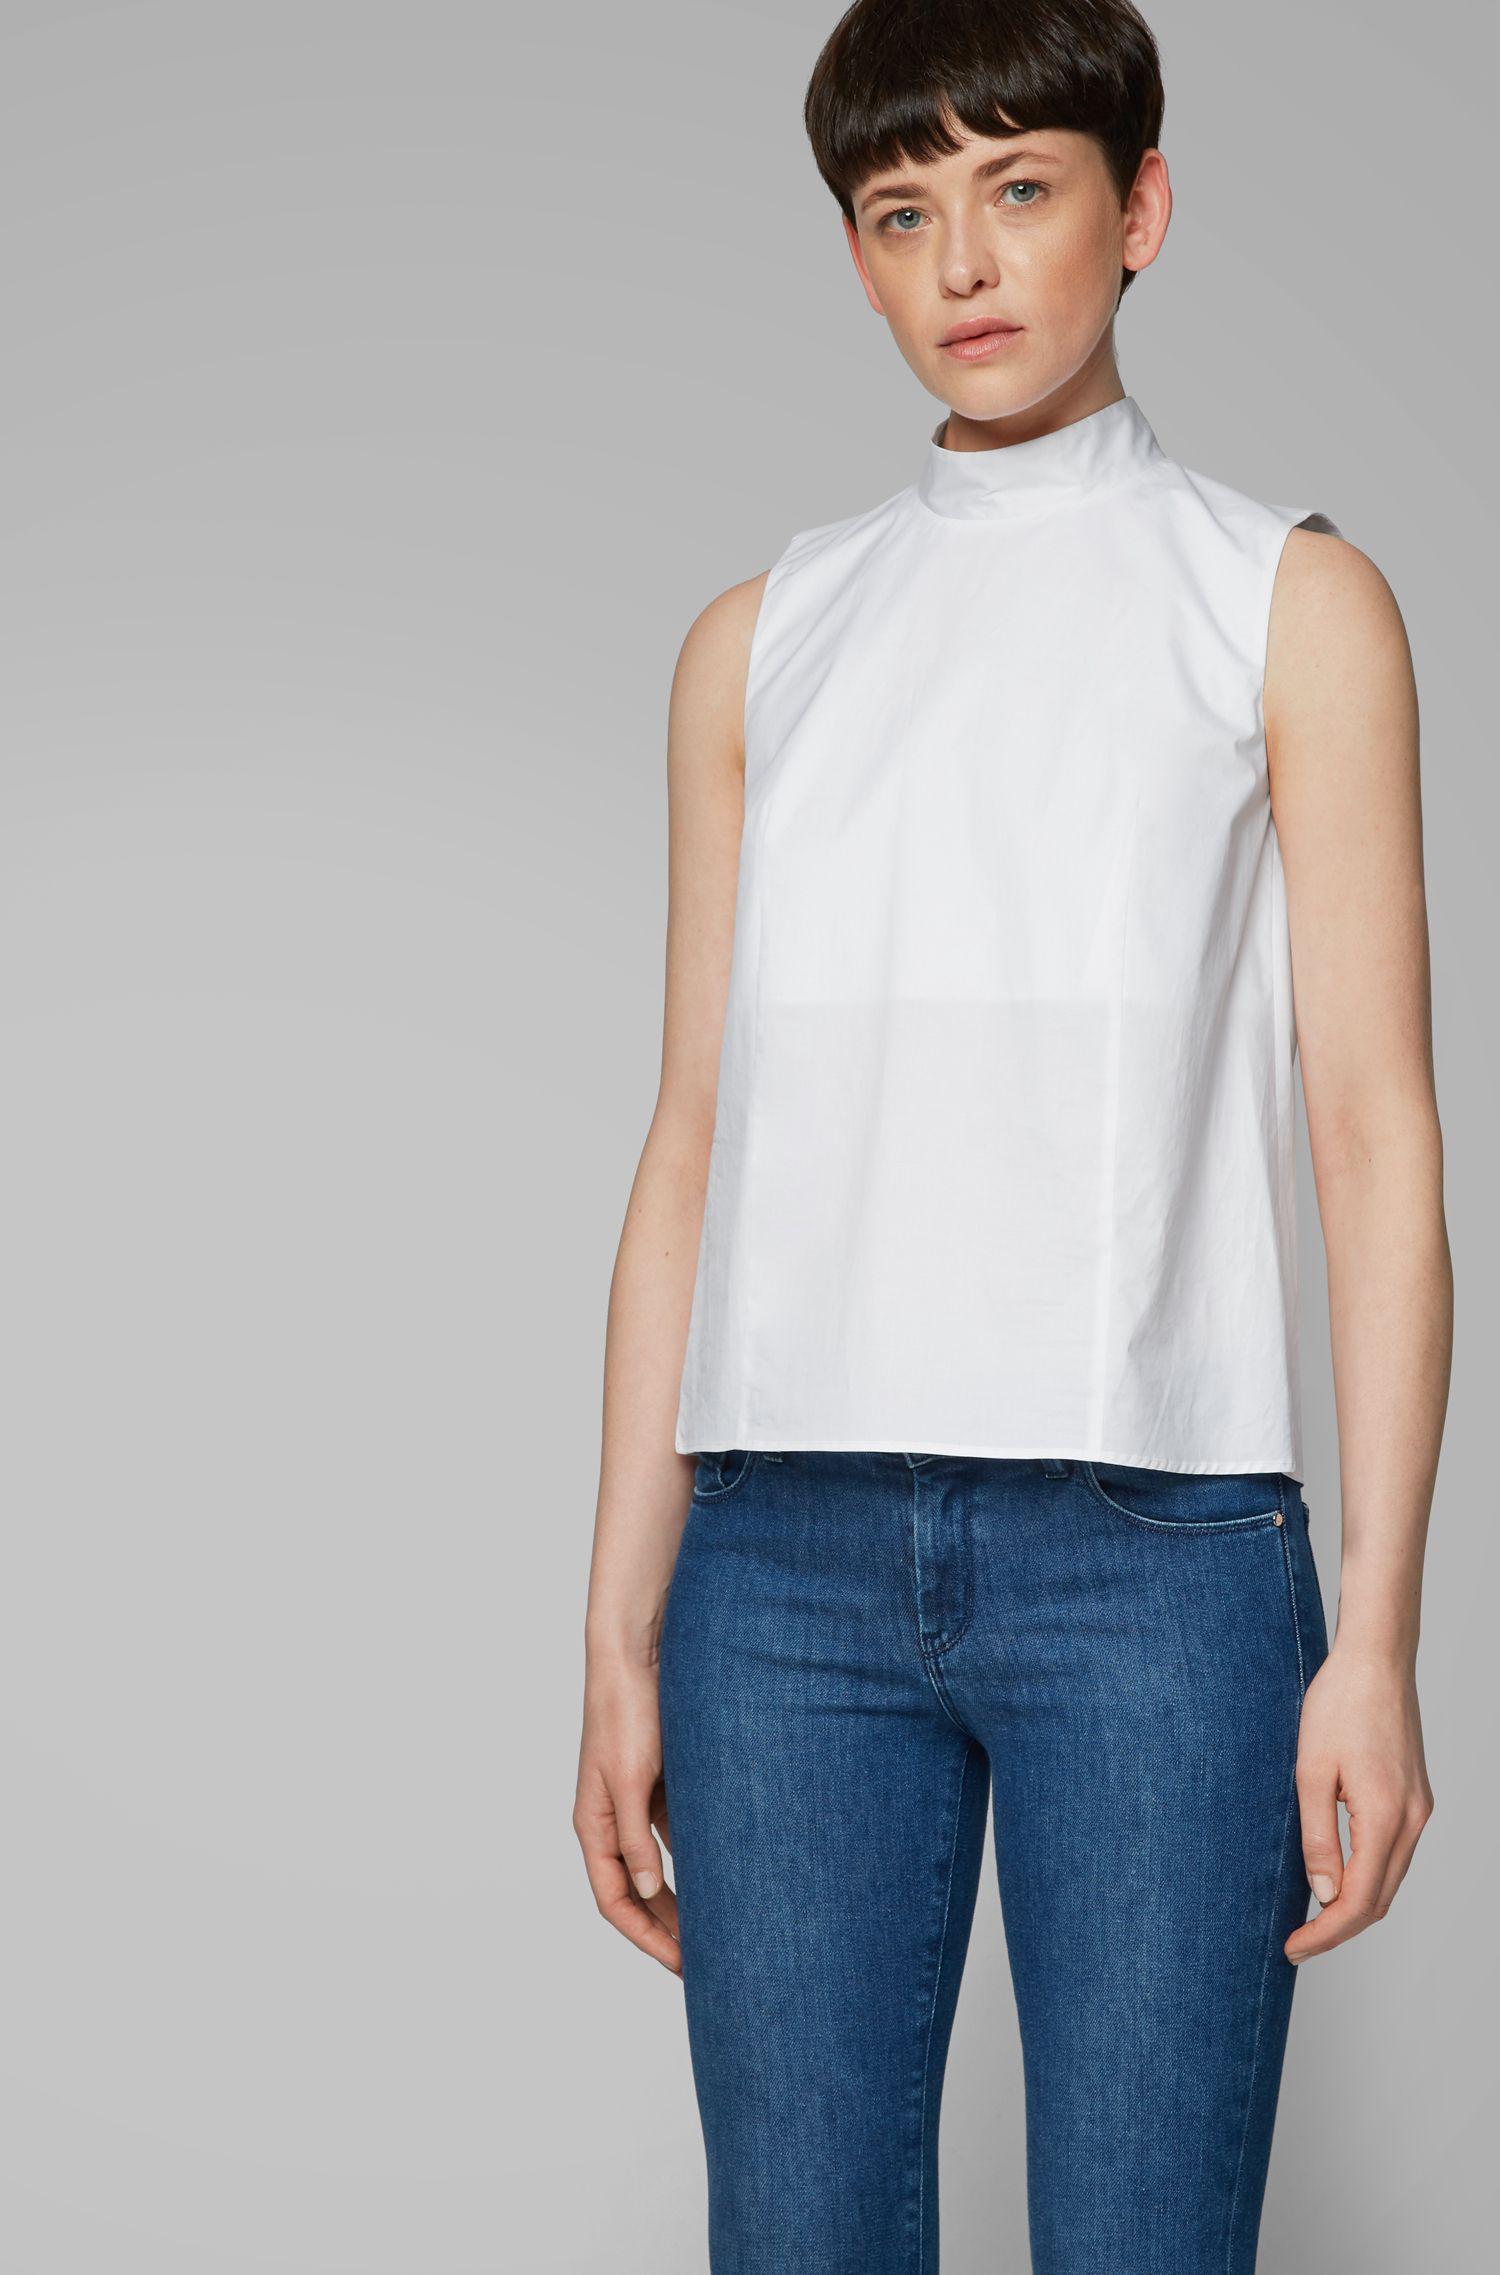 Blusa senza maniche in cotone elasticizzato manocarta, Bianco